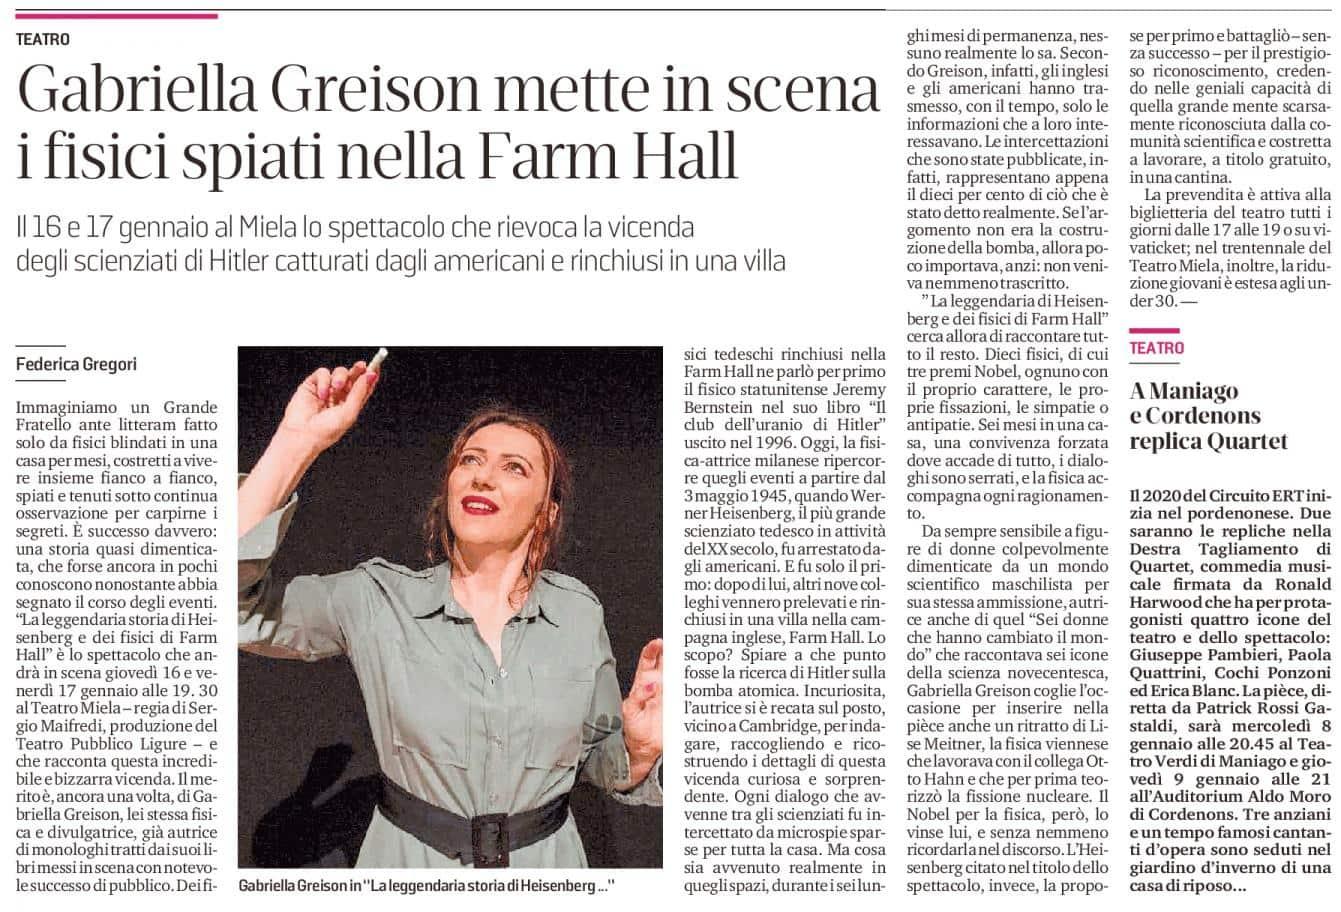 """Torno in scena con """"La leggendaria storia di Heisenberg e dei fisici di Farm Hall""""…il 16 e 17 a Trieste, lo dice anche il Piccolo!"""